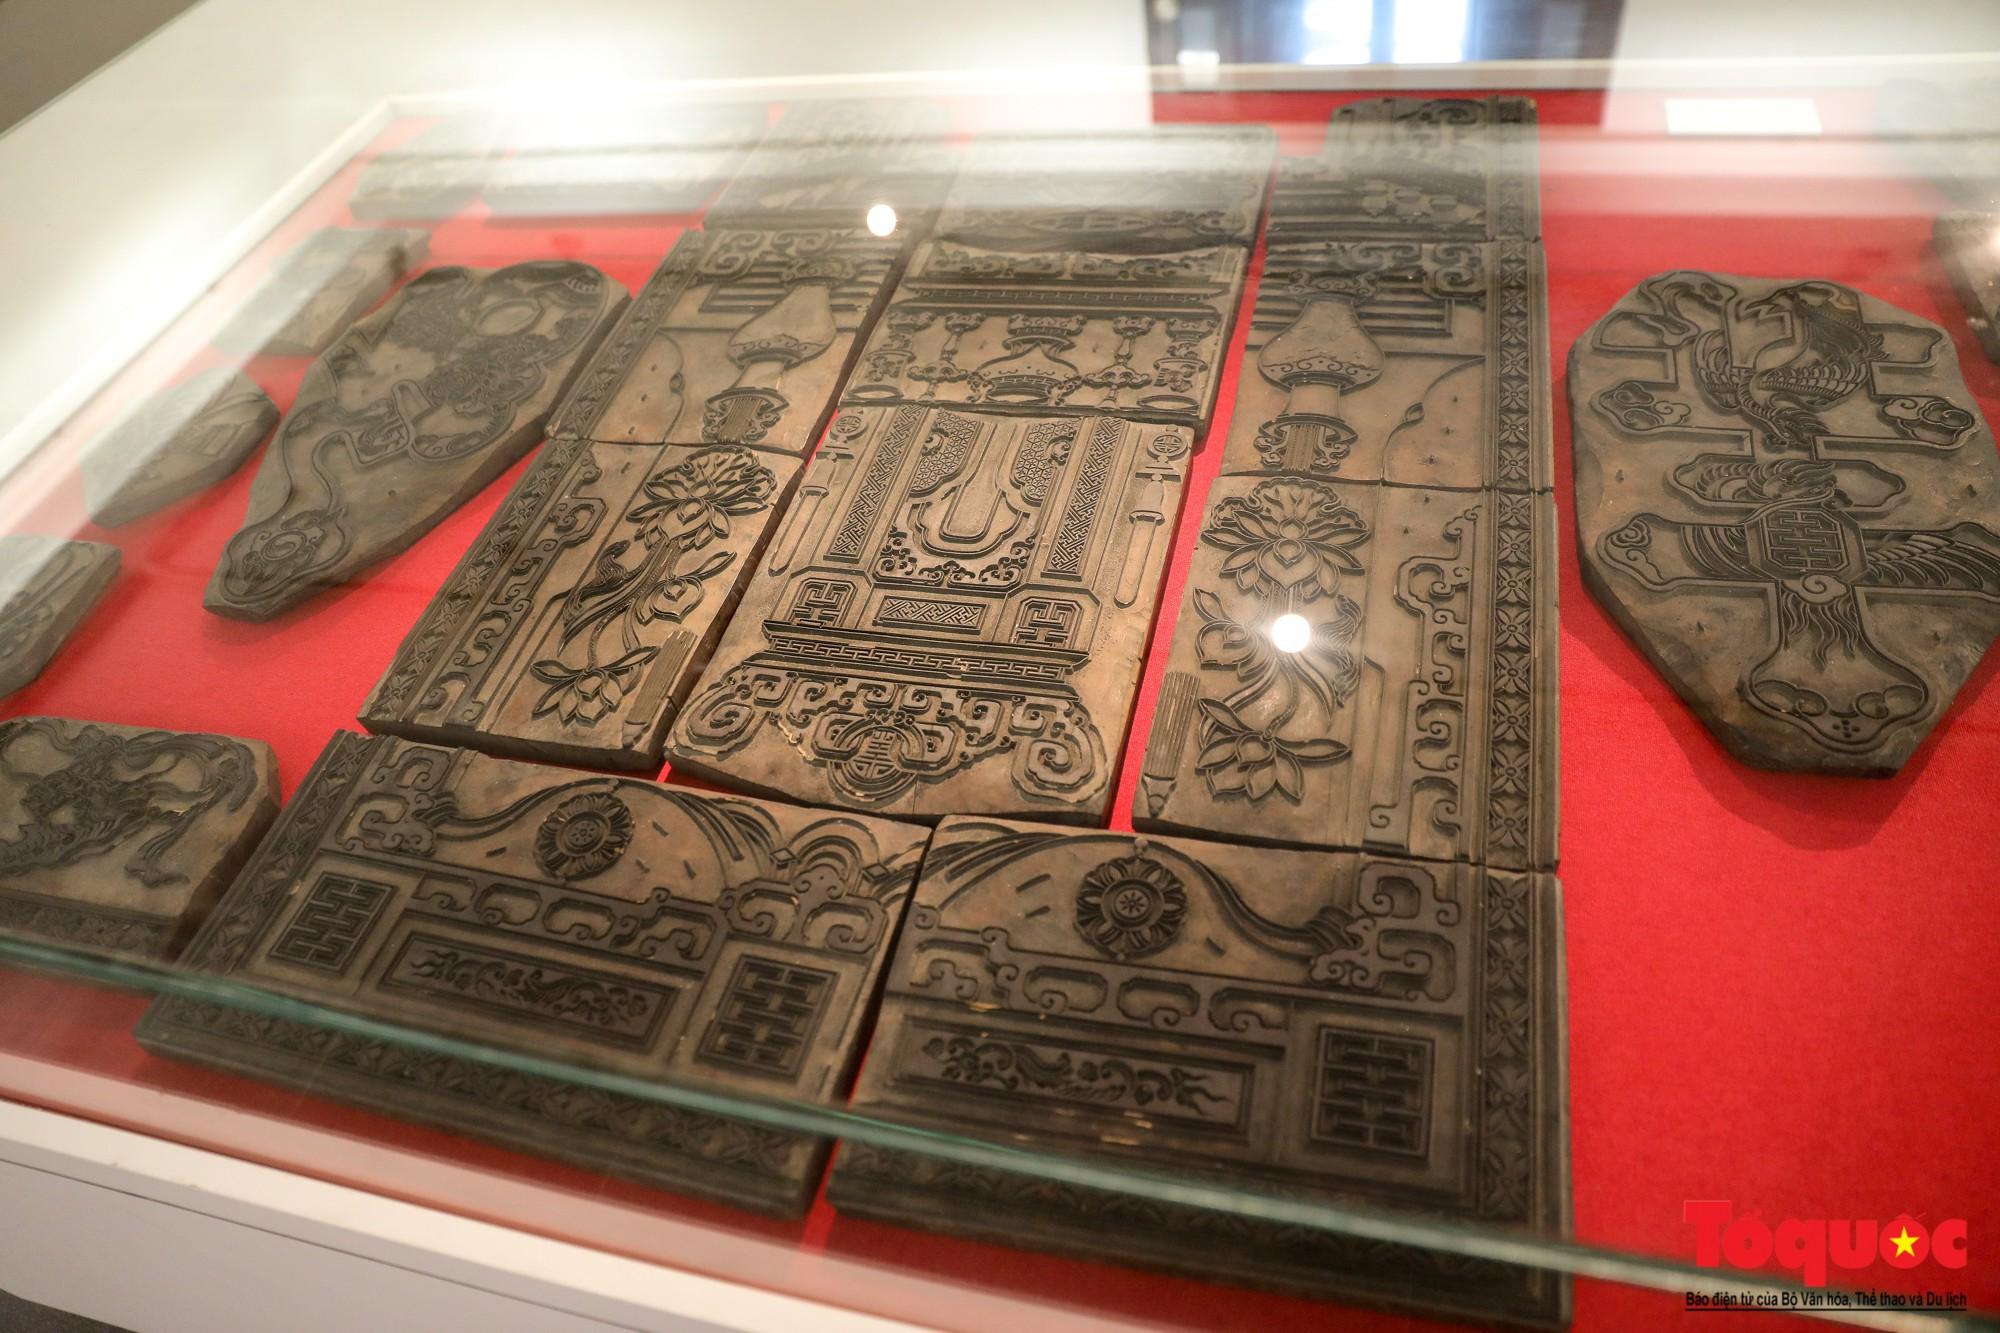 """Khai mạc triển lãm """"Tranh dân gian Đông hồ xưa và nay"""": Trưng bày hơn 100 hiện vật của tranh dân gian Đông Hồ - Ảnh 5."""